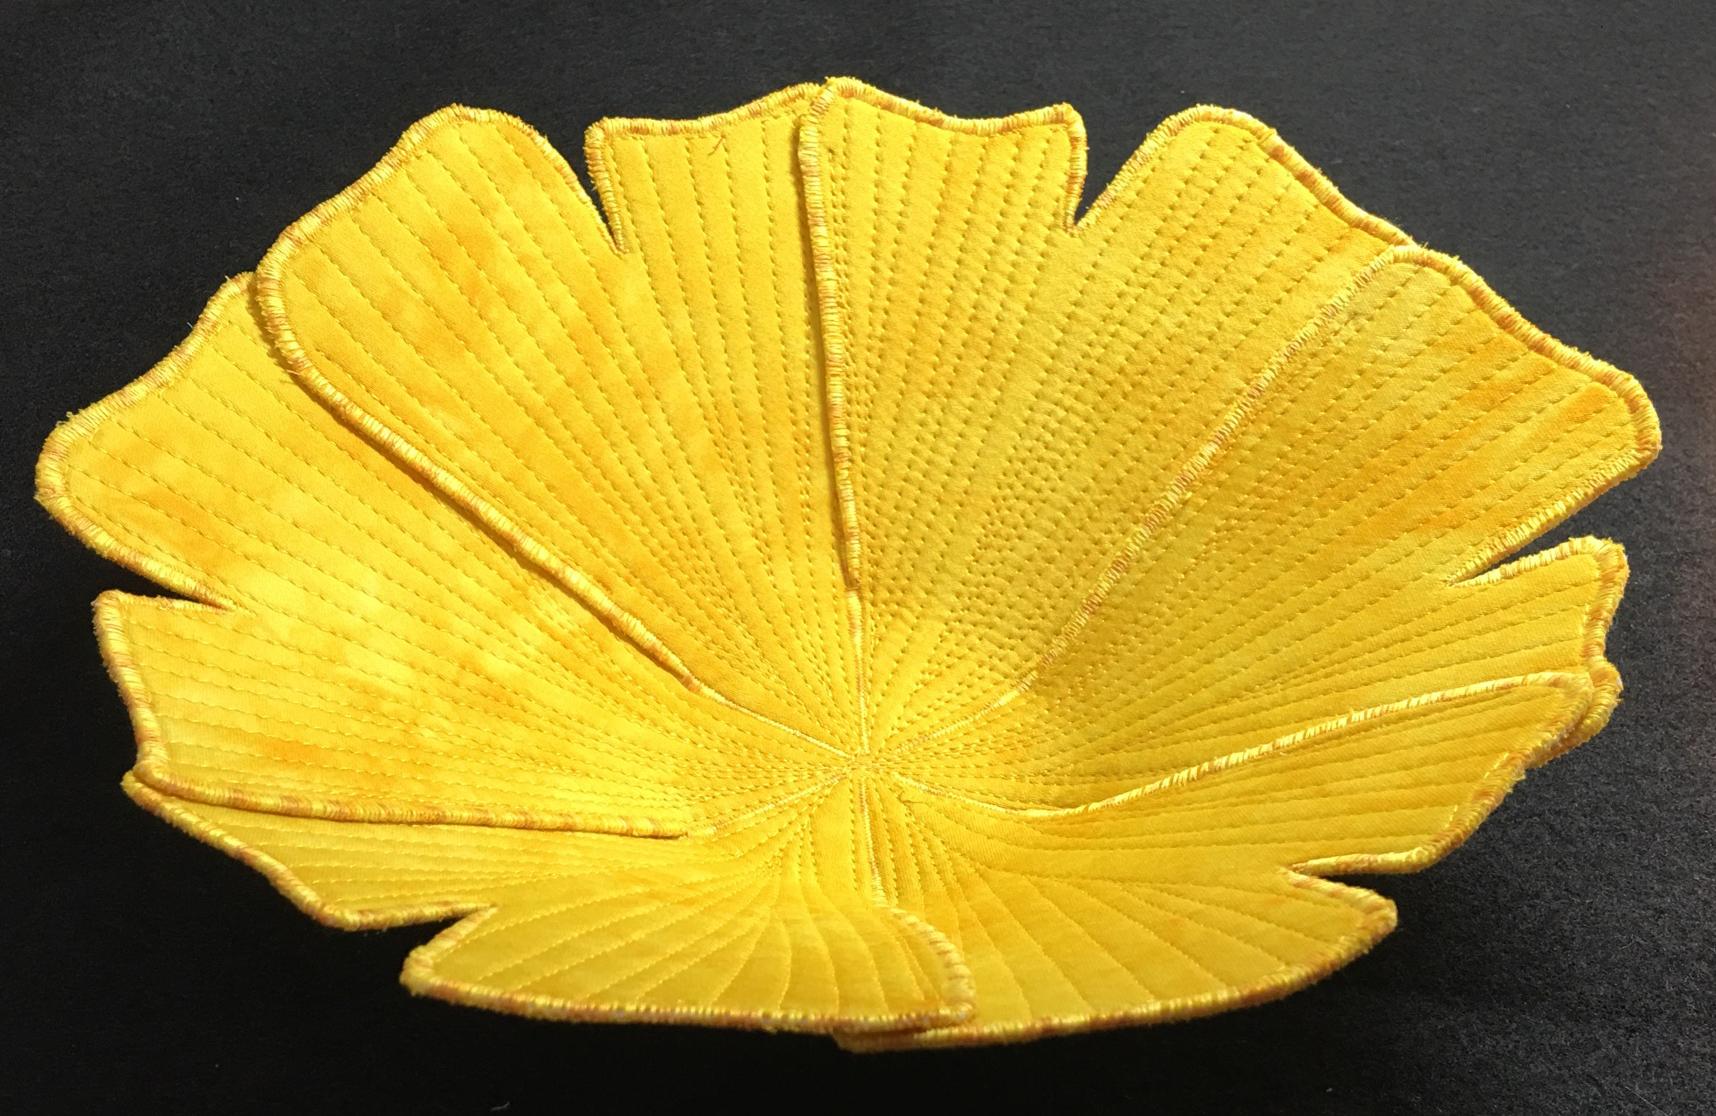 Gingko bowl